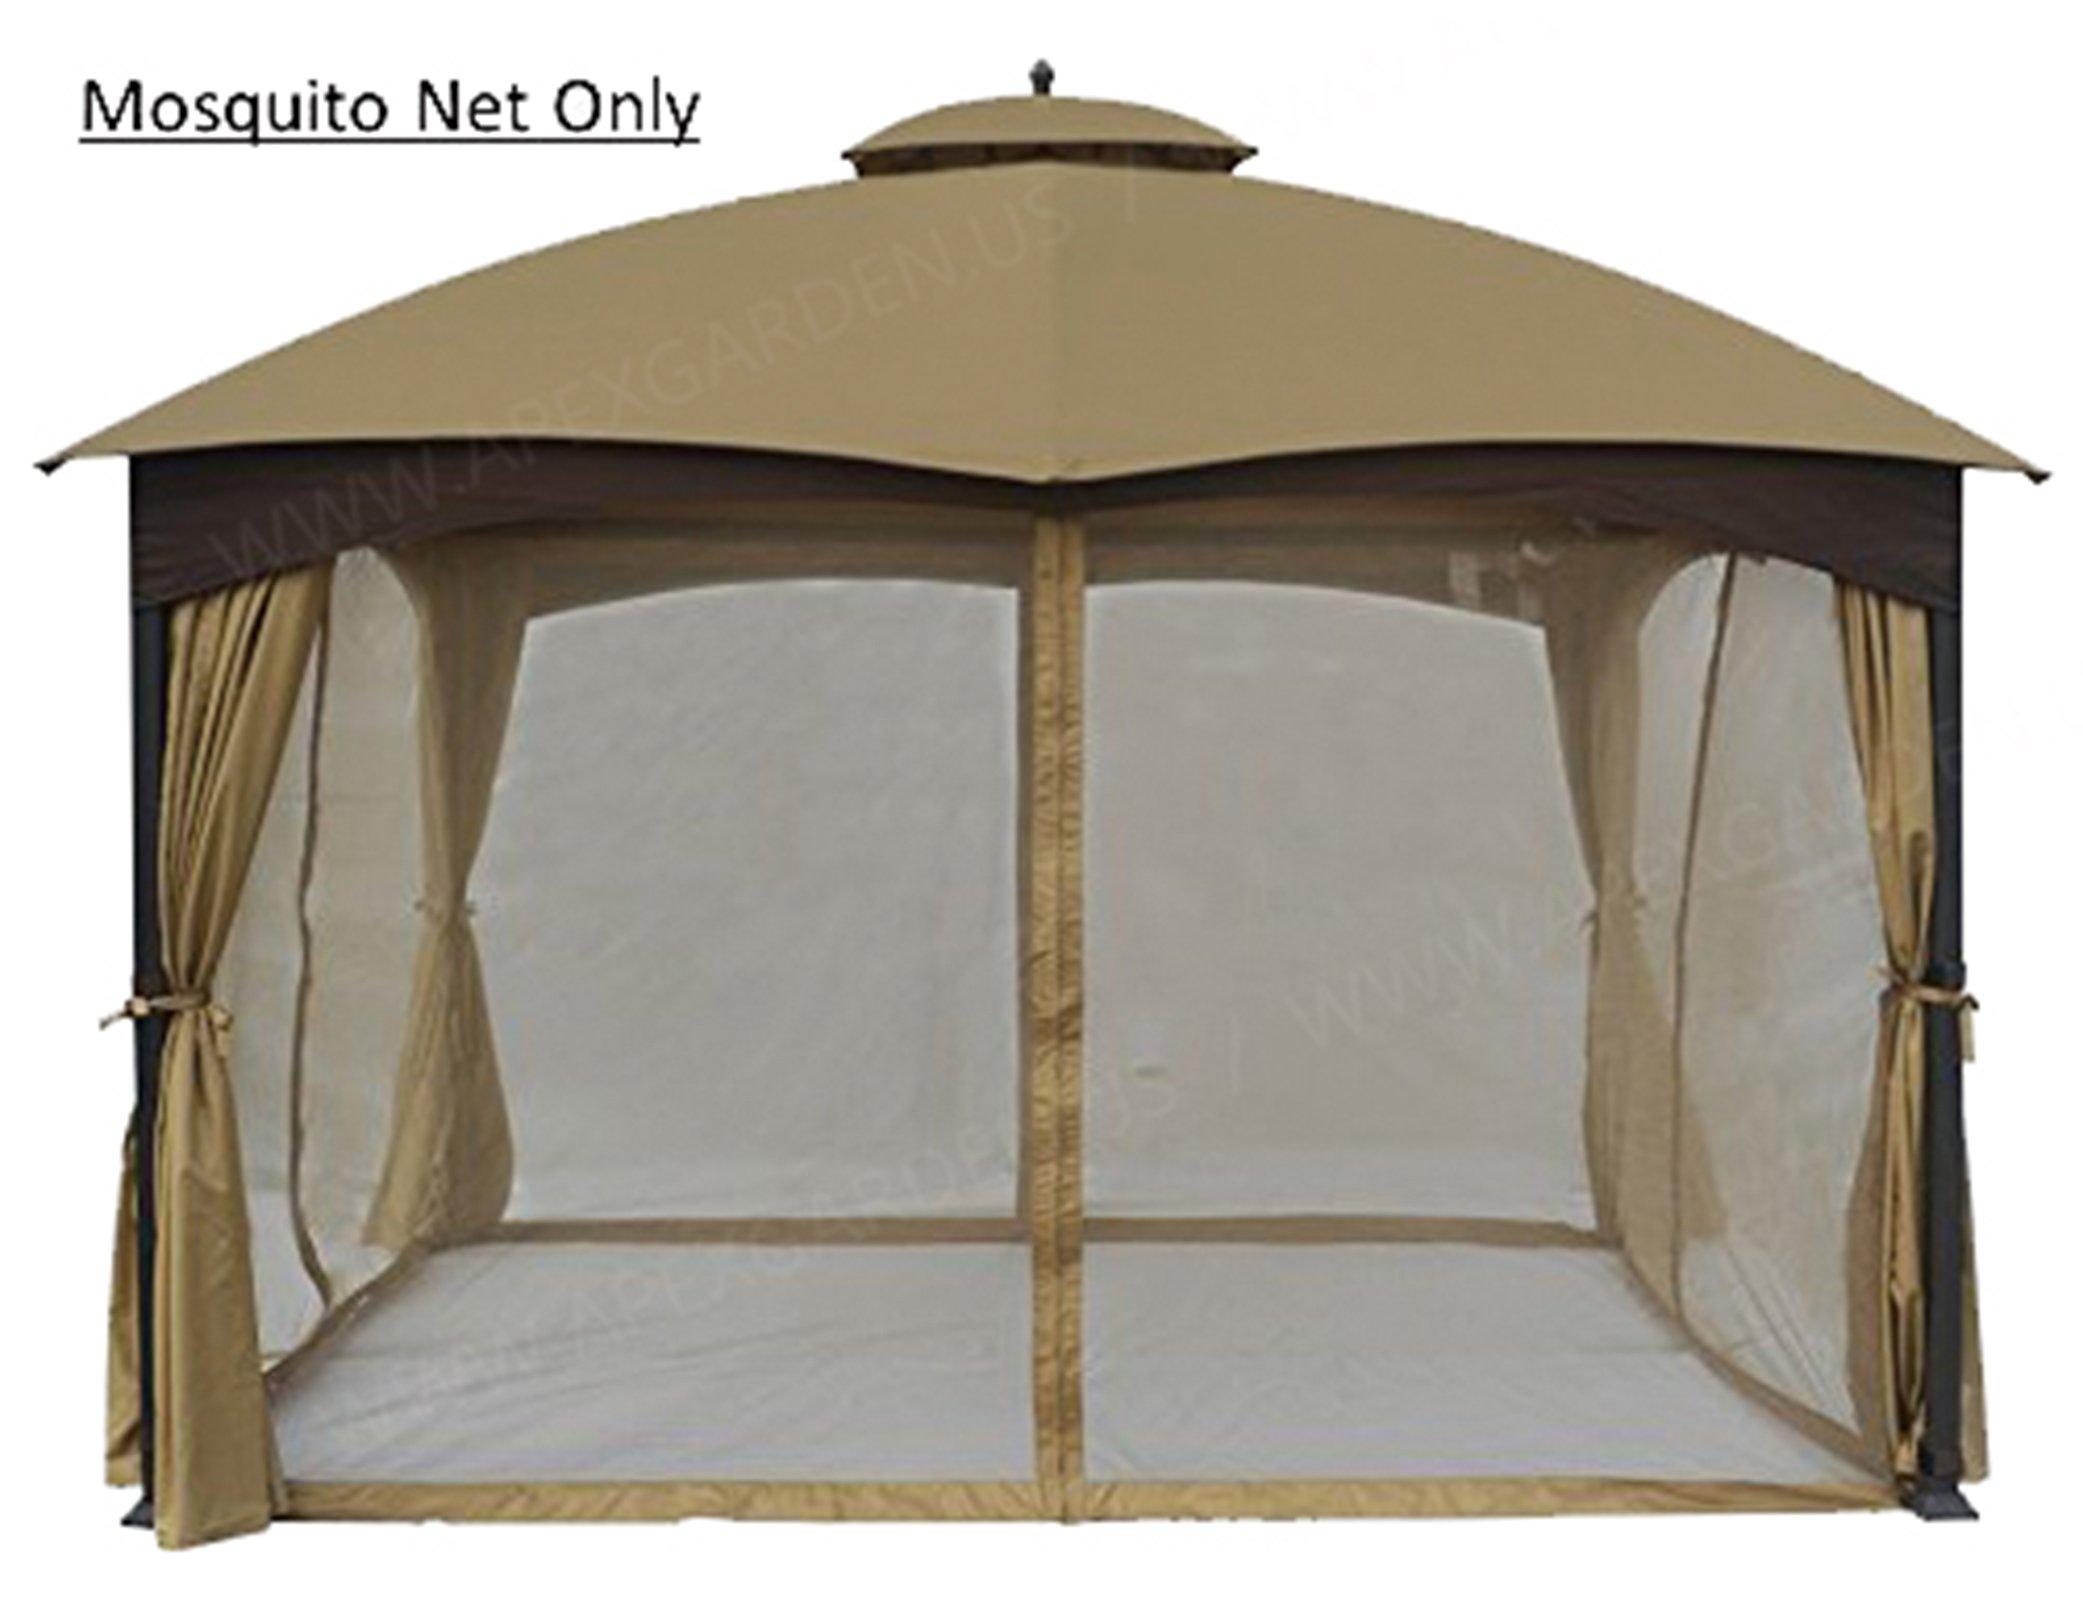 APEX GARDEN Universal 10' x 12' Gazebo Replacement Mosquito Netting